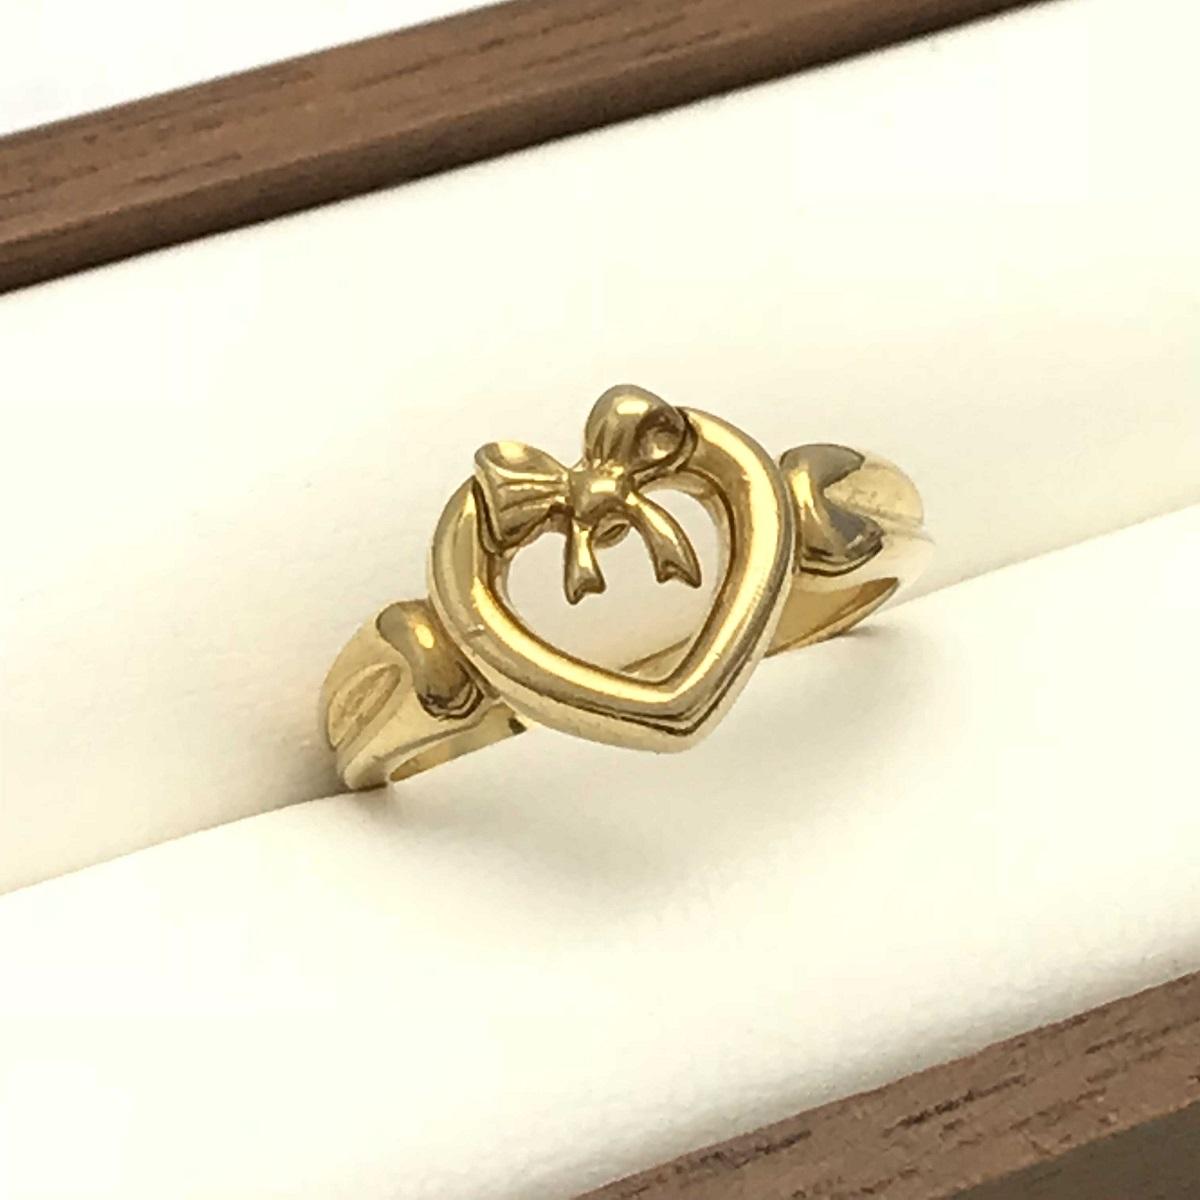 Tiffany & Co. ティファニー ハート ウィズ ボウ リング 指輪 ハート・リボンモチーフ #11.5 750YG 【トレジャースポット】【中古】